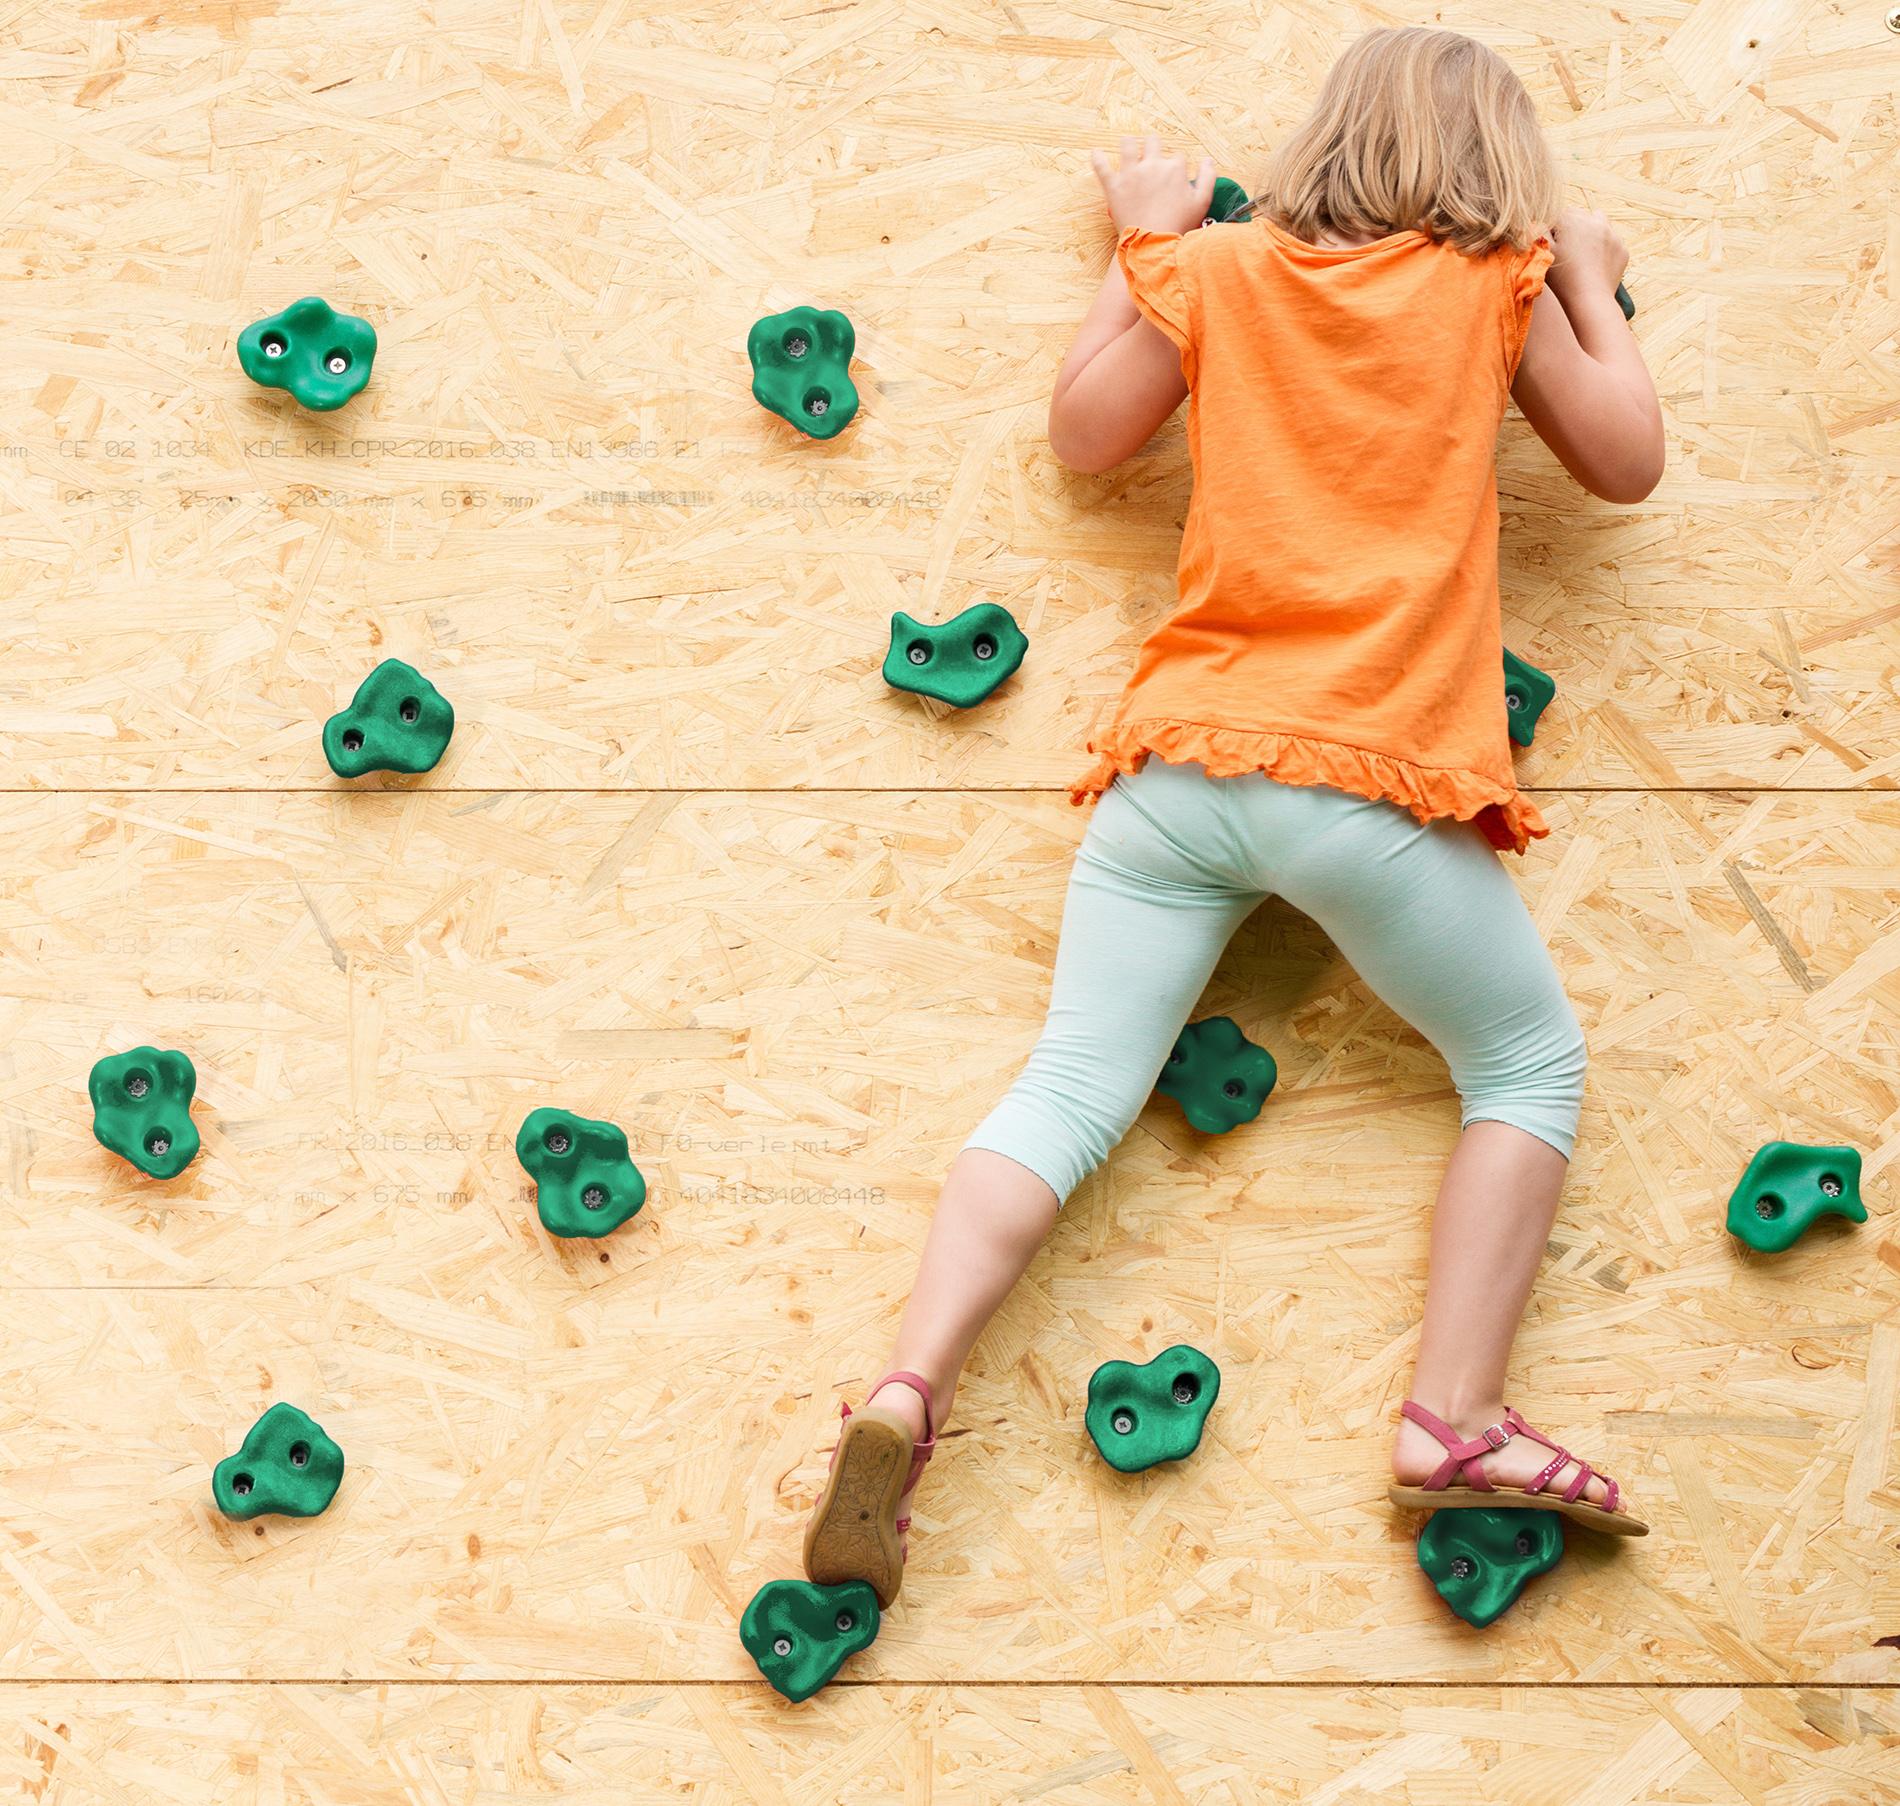 Powerfly prese arrampicata set per bambini 12 e 2 maniglie for Blocca maniglie bambini